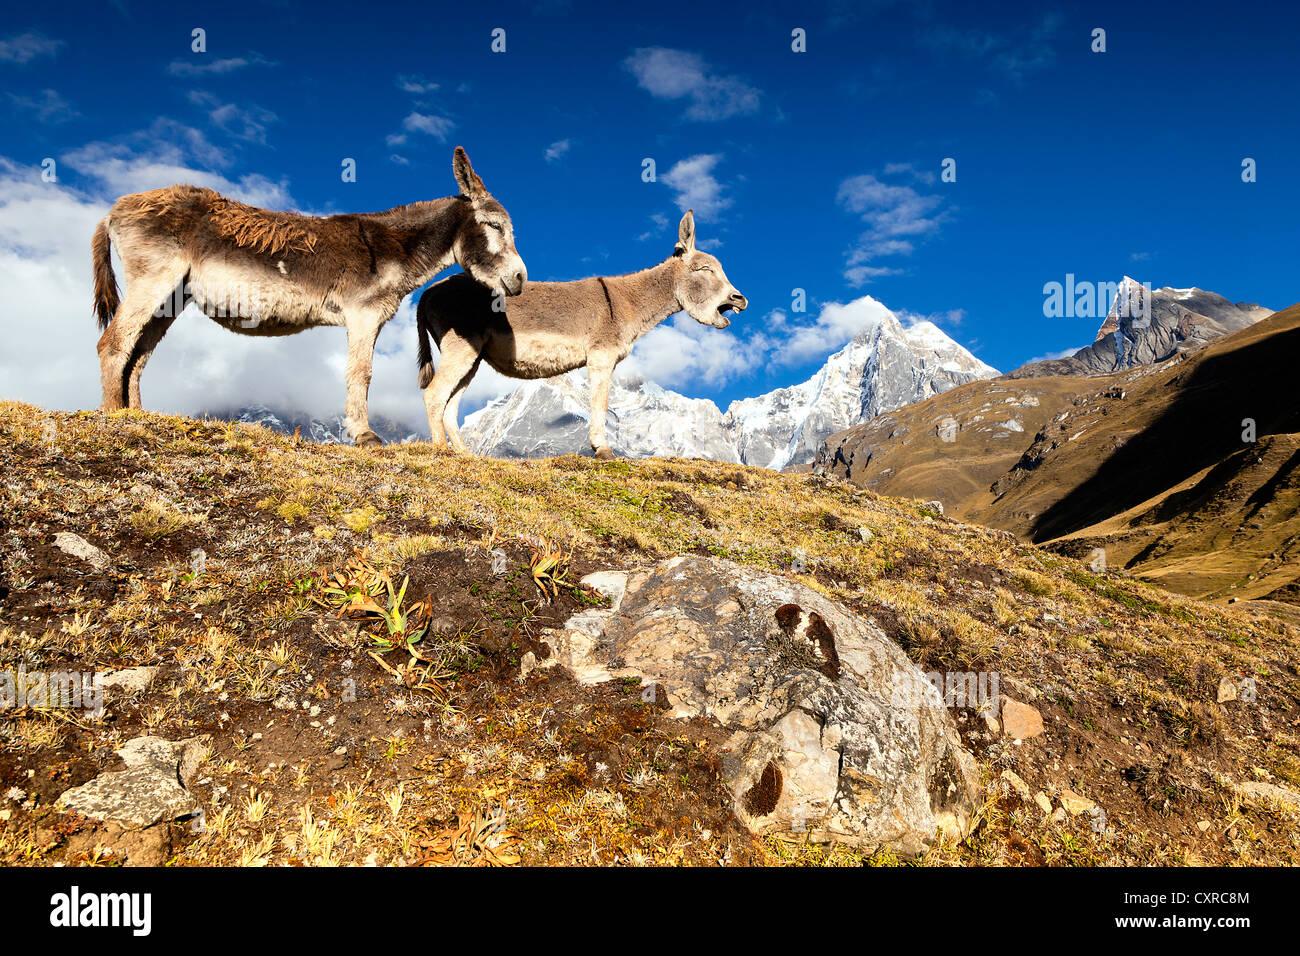 Donkey (Asinus), bleating, Cordillera Huayhuash mountain range, Andes, Peru, South America - Stock Image